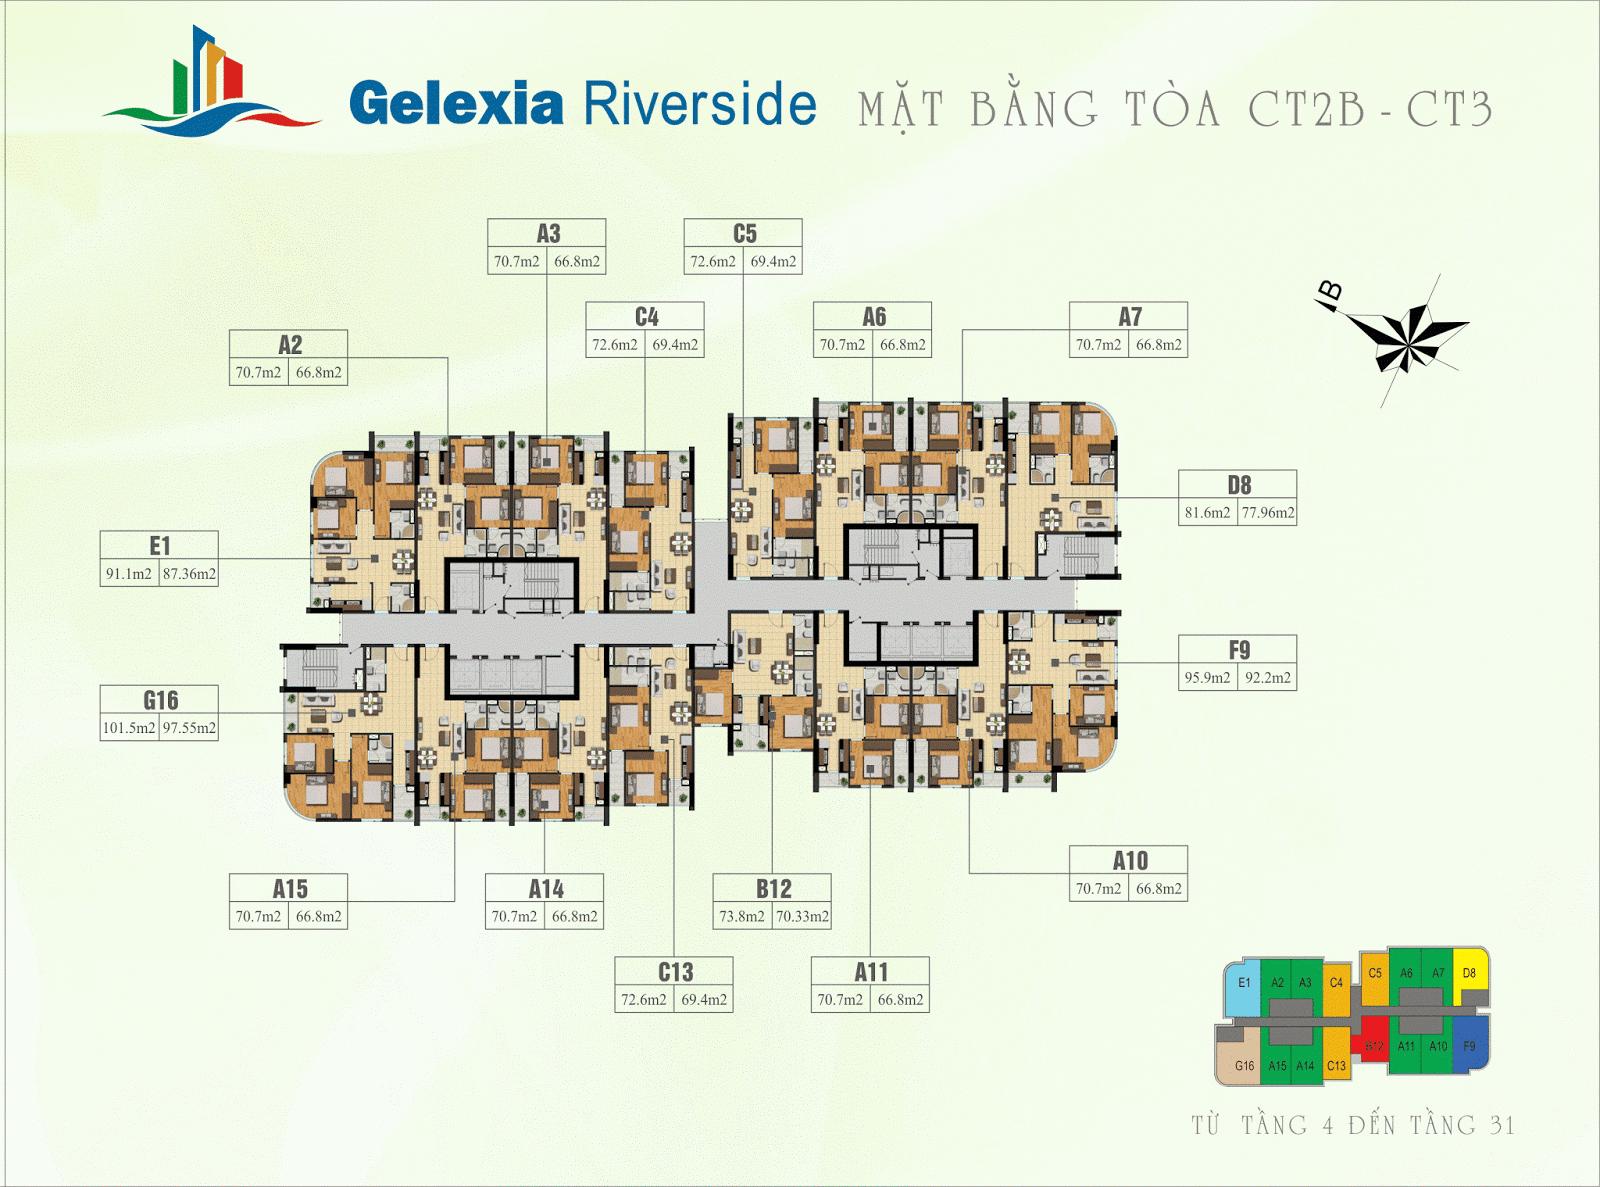 Mặt bằng điển hình tòa CT2B và CT3 - Gelexia Riverside